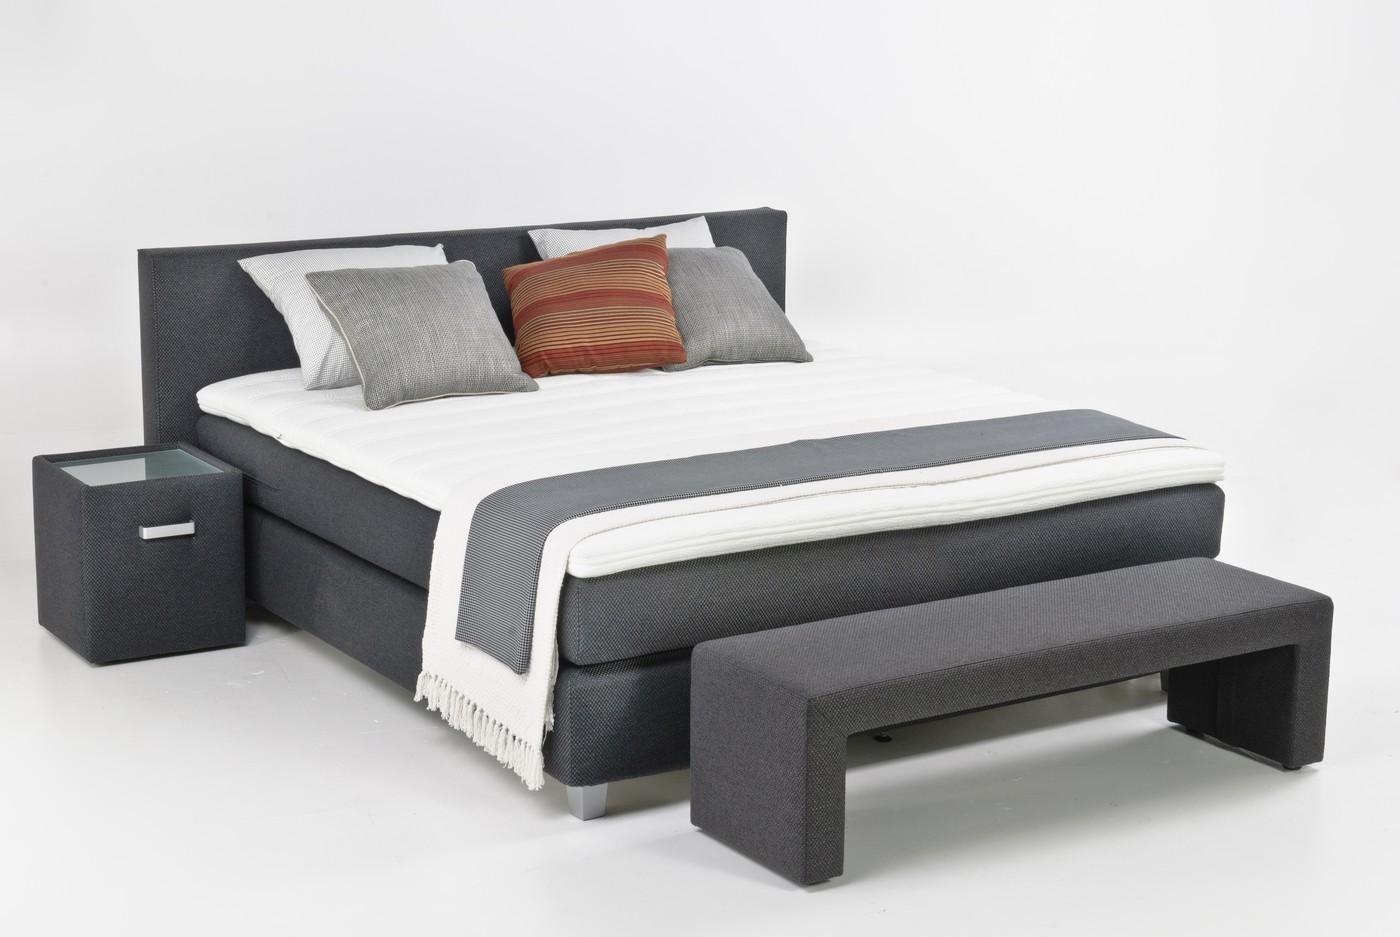 test av kontinentalsenger best i test senger testvinner. Black Bedroom Furniture Sets. Home Design Ideas